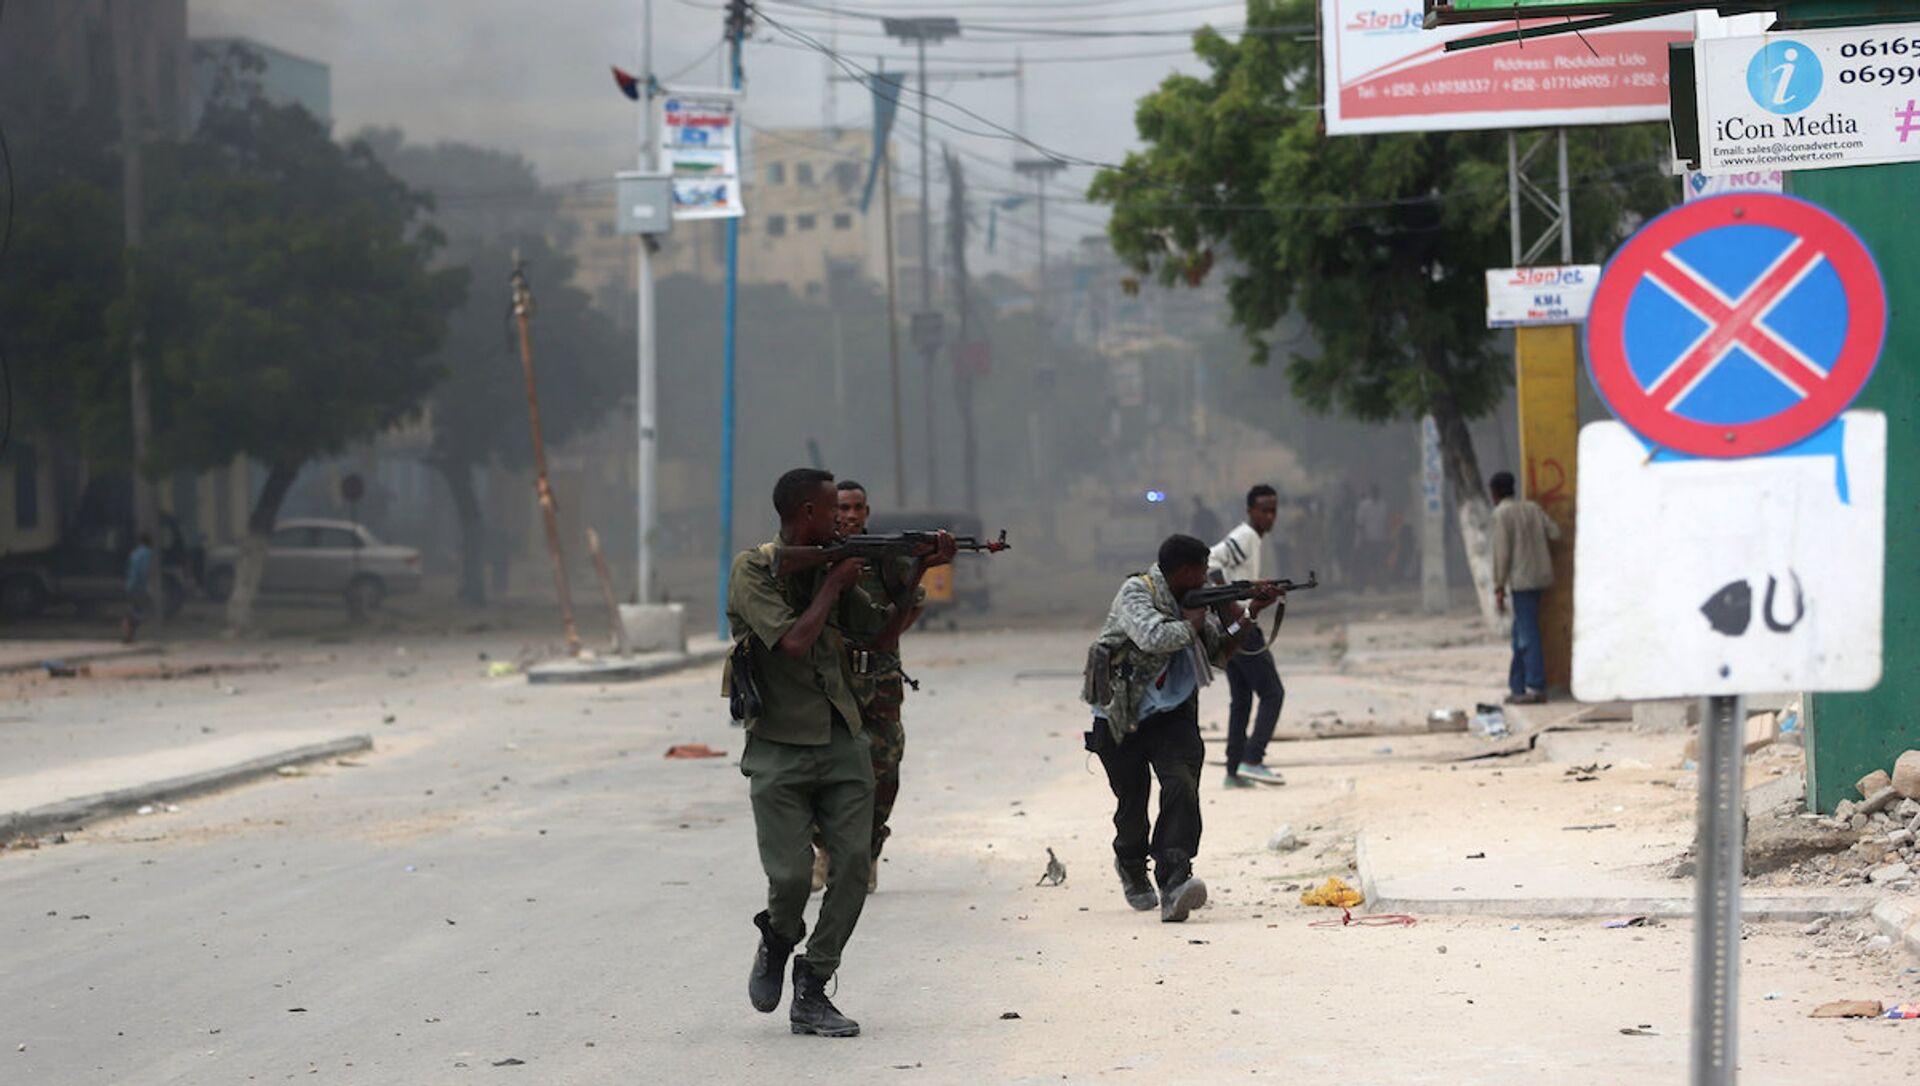 Somali'nin başkenti Mogadişu'daki bir otele saldırı düzenleyen militanlarla güvenlik görevlileri arasında çatışma çıktı. - Sputnik Türkiye, 1920, 19.02.2021